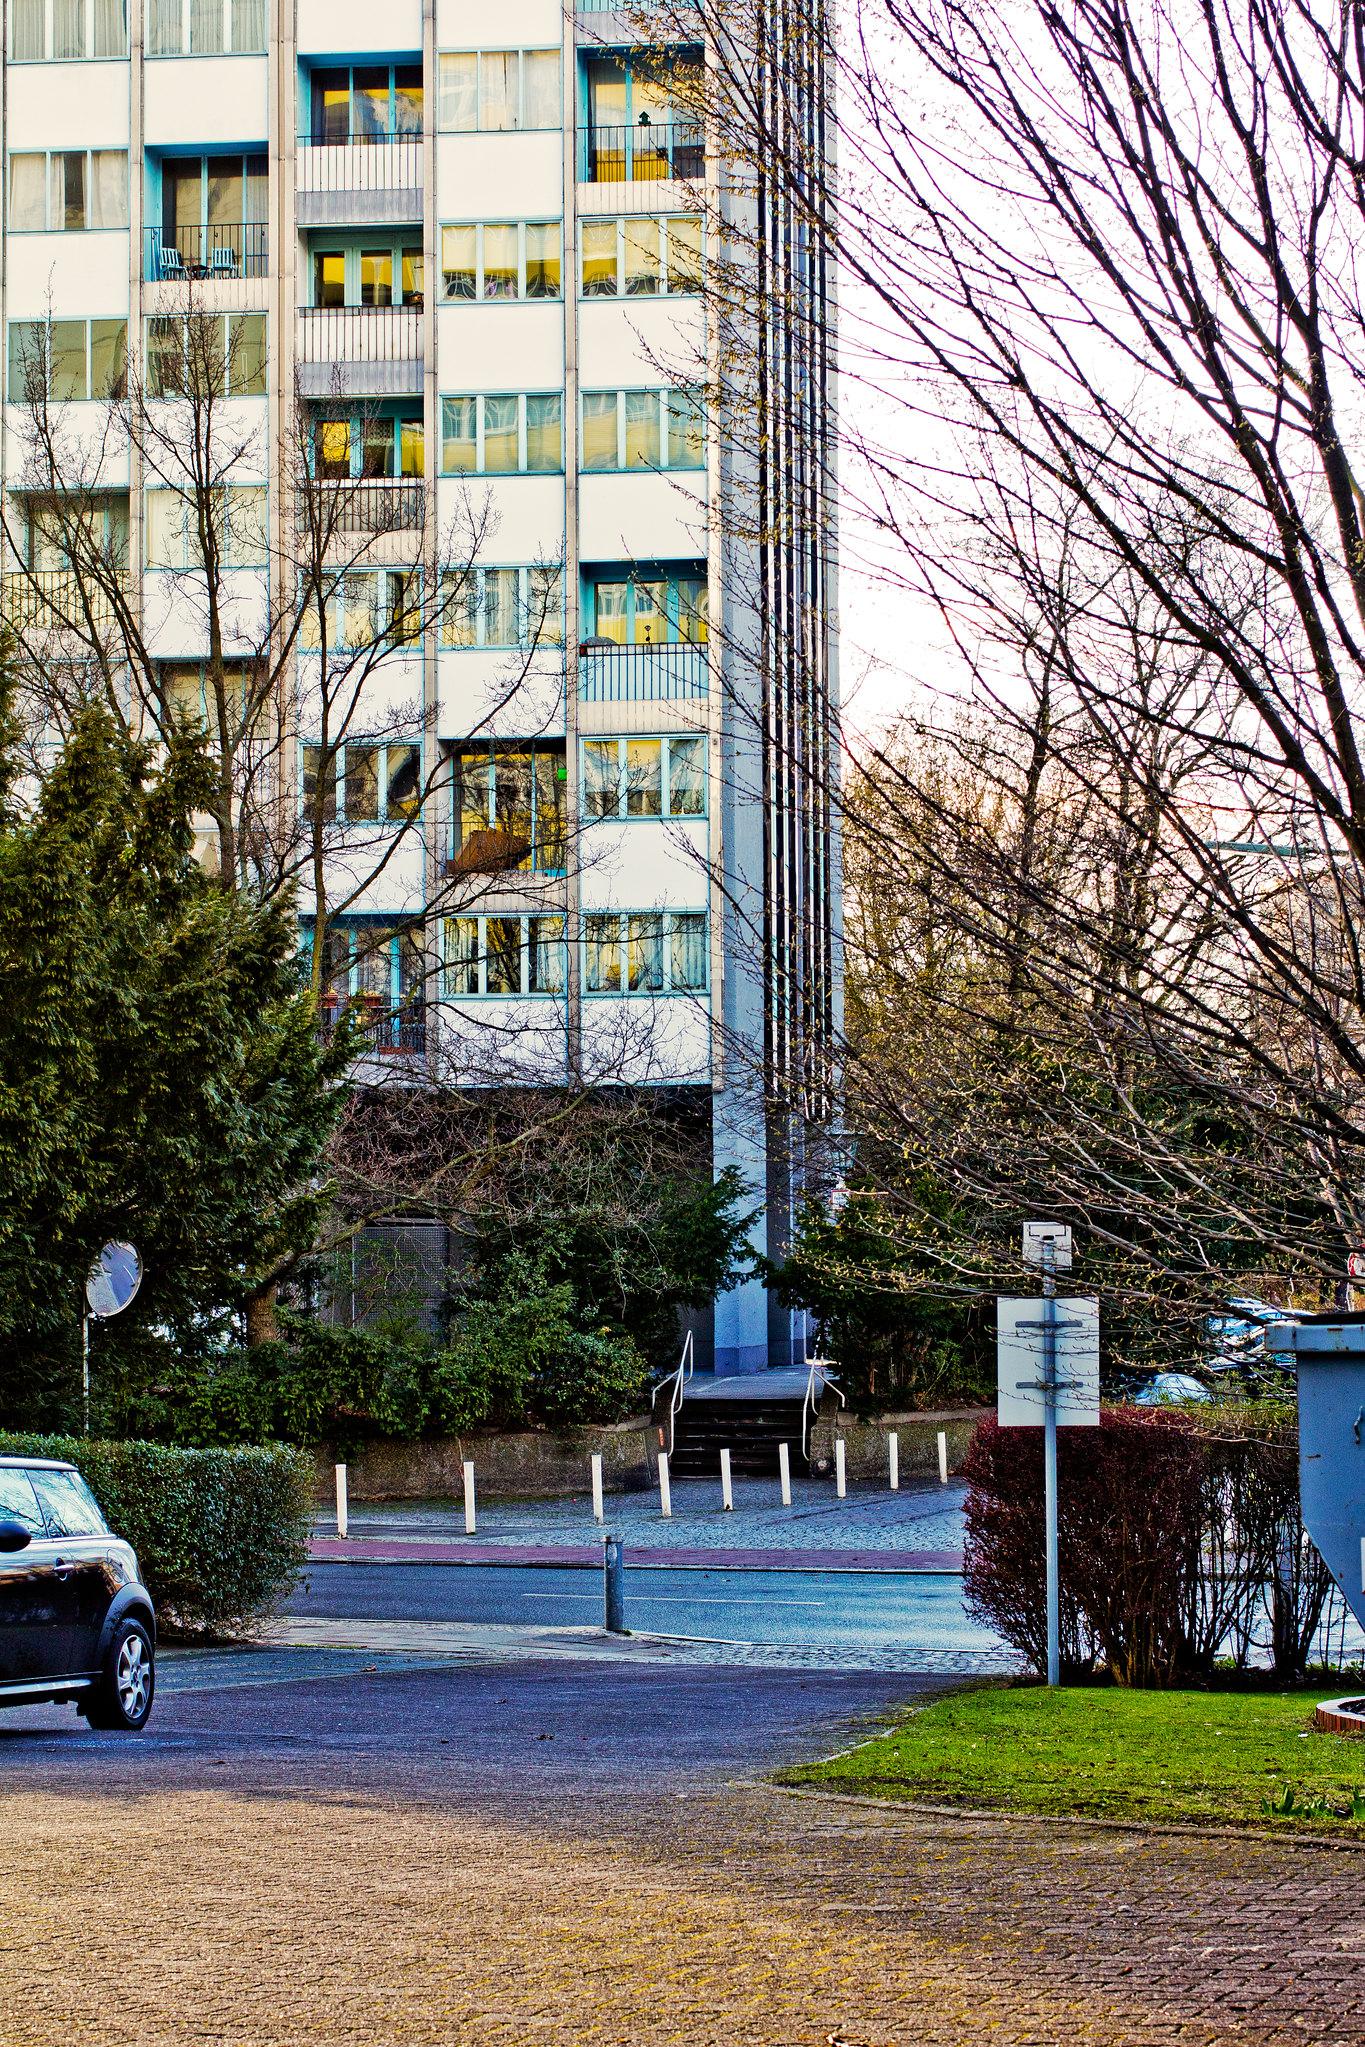 bartningallee 11-13  // hansaviertel berlin